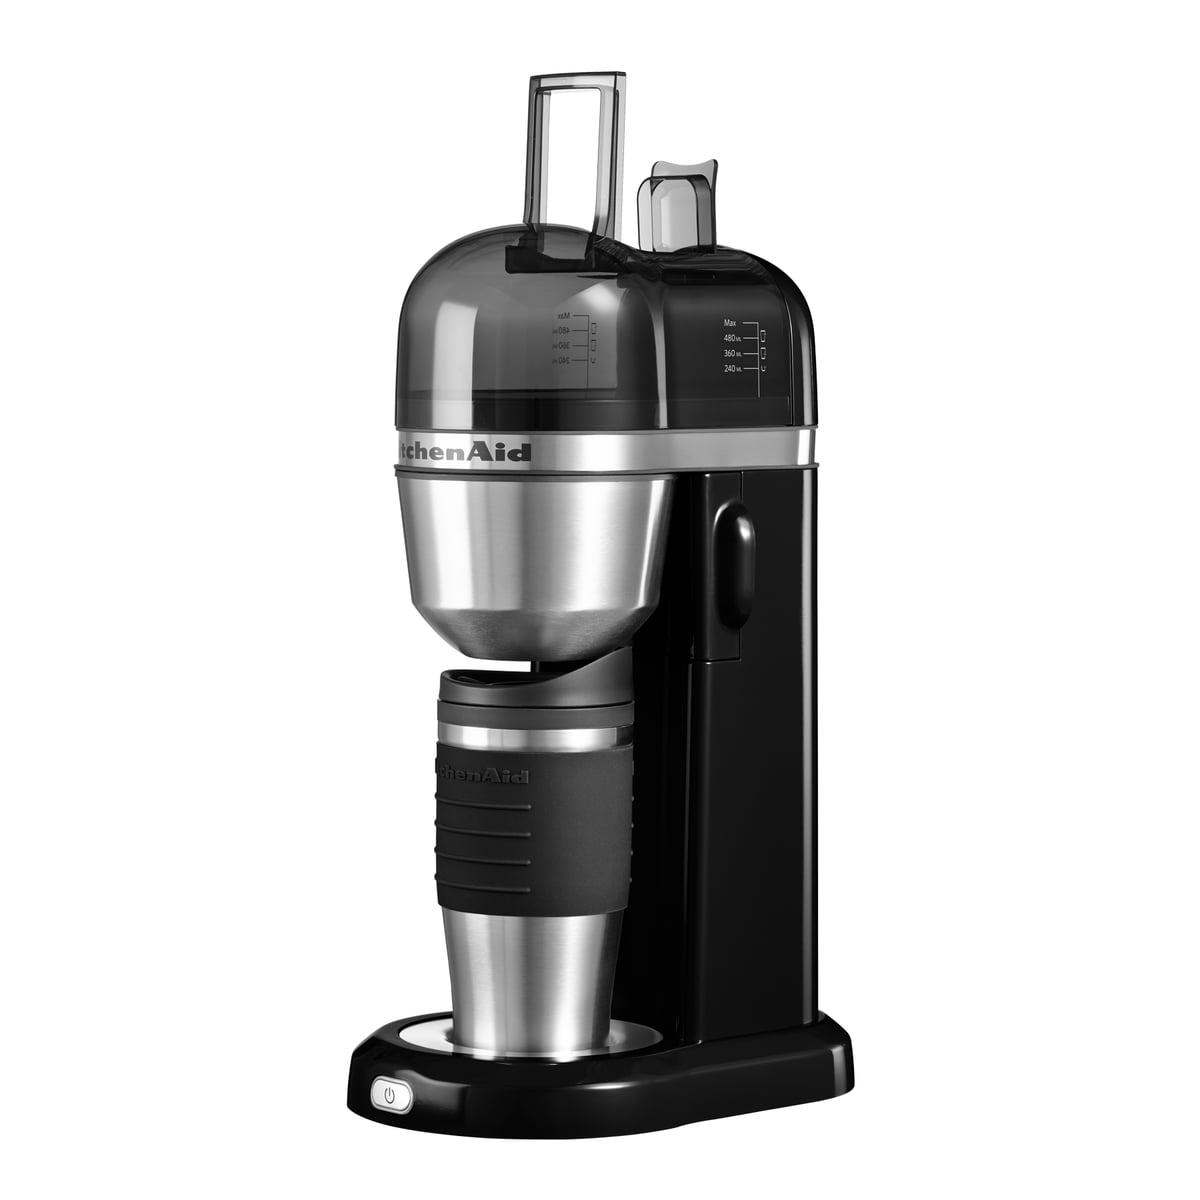 kaffeemaschine to go von kitchenaid im shop. Black Bedroom Furniture Sets. Home Design Ideas